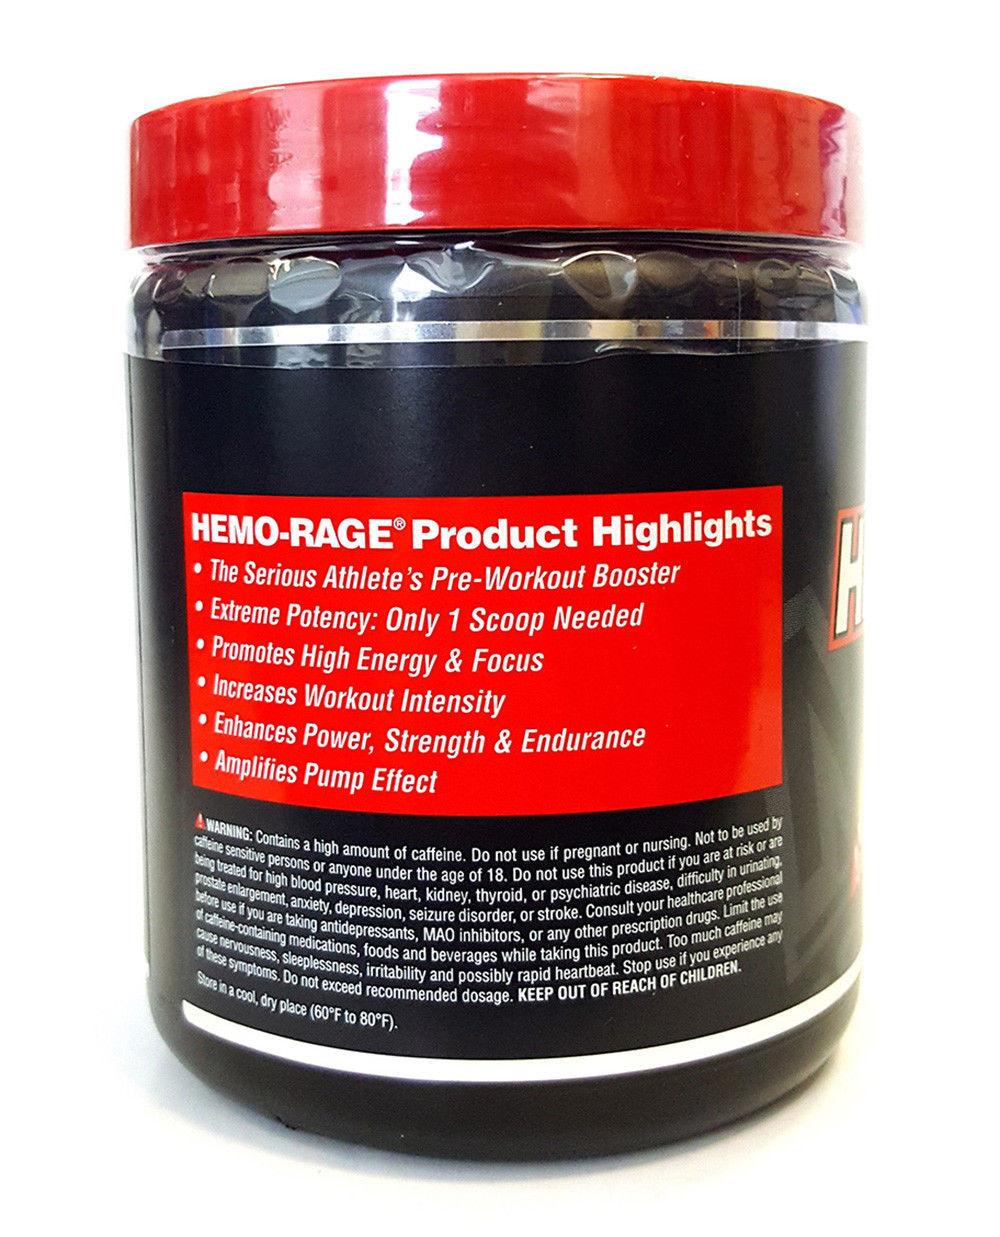 Nutrex Hemo Rage Black Preworkout Detonator Ultra Concentrate 255g Frut Punch